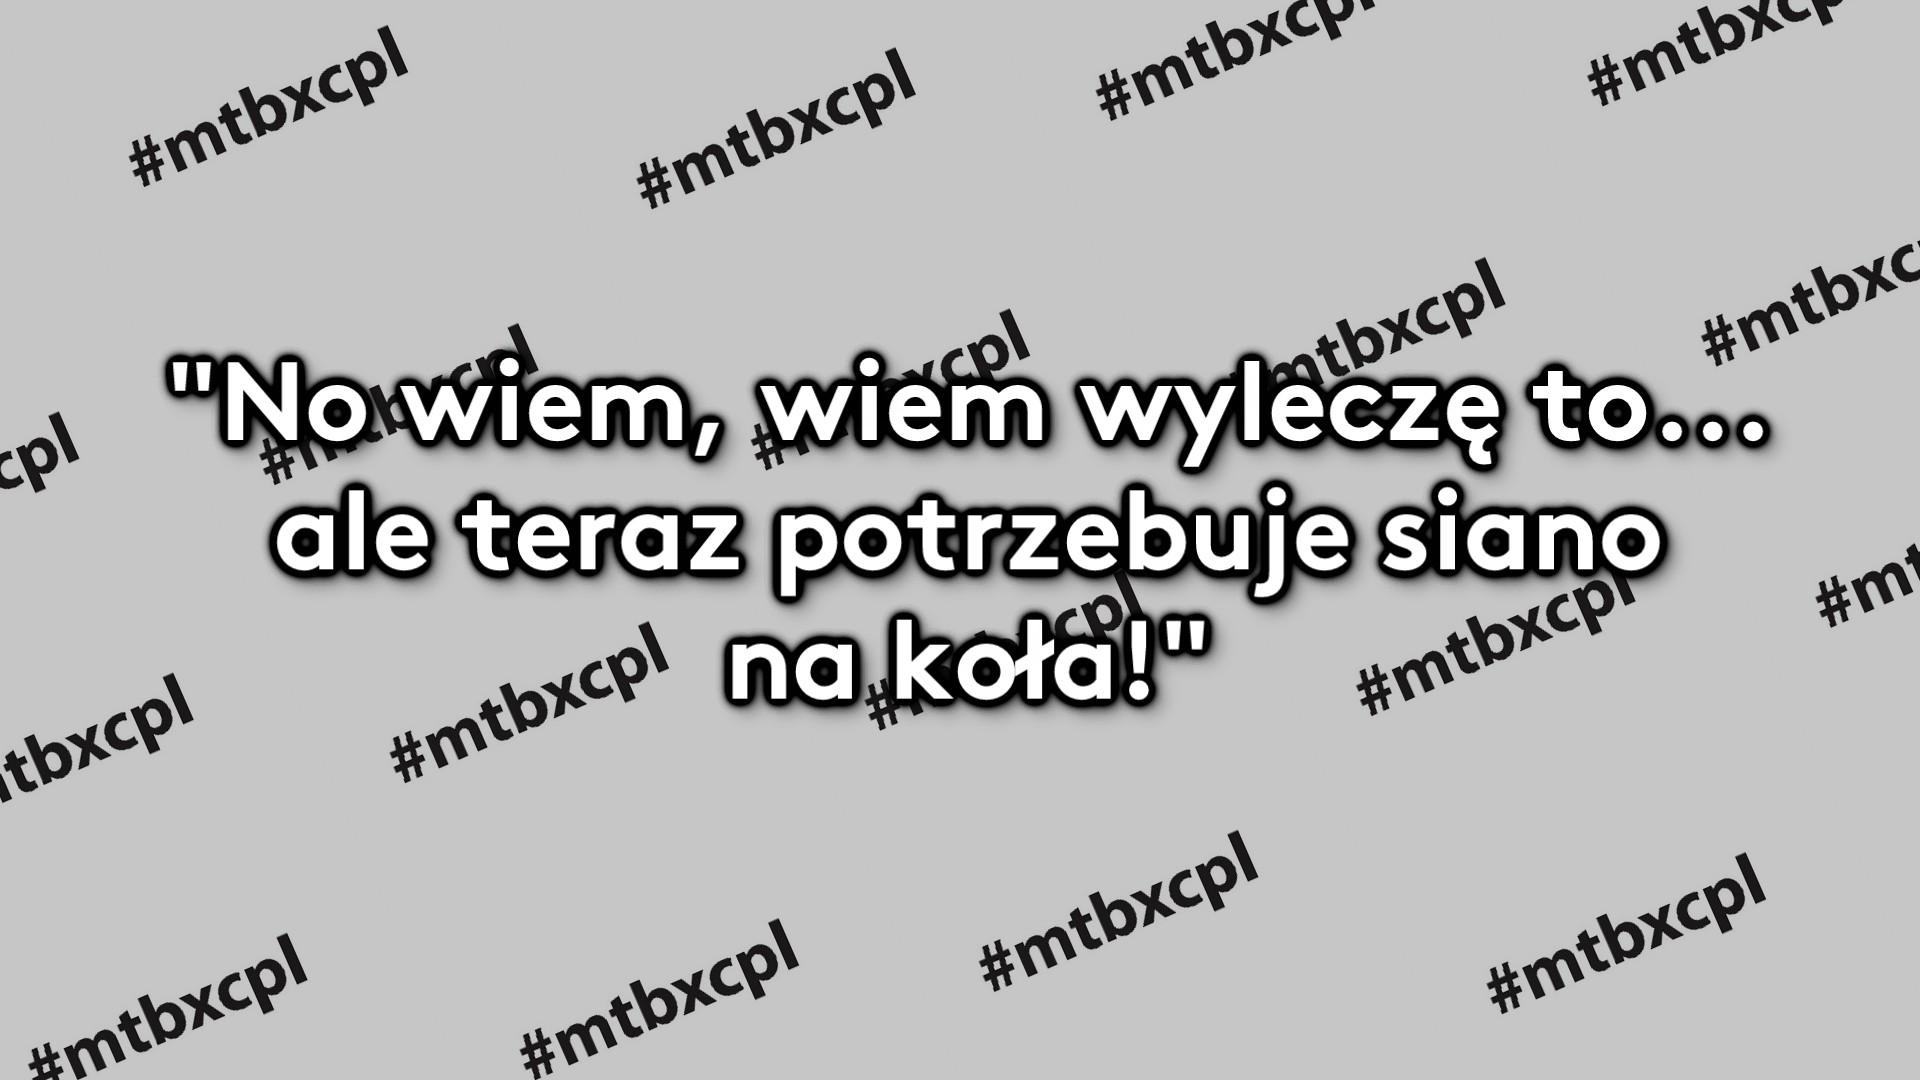 tekst mtbxcpl_000005